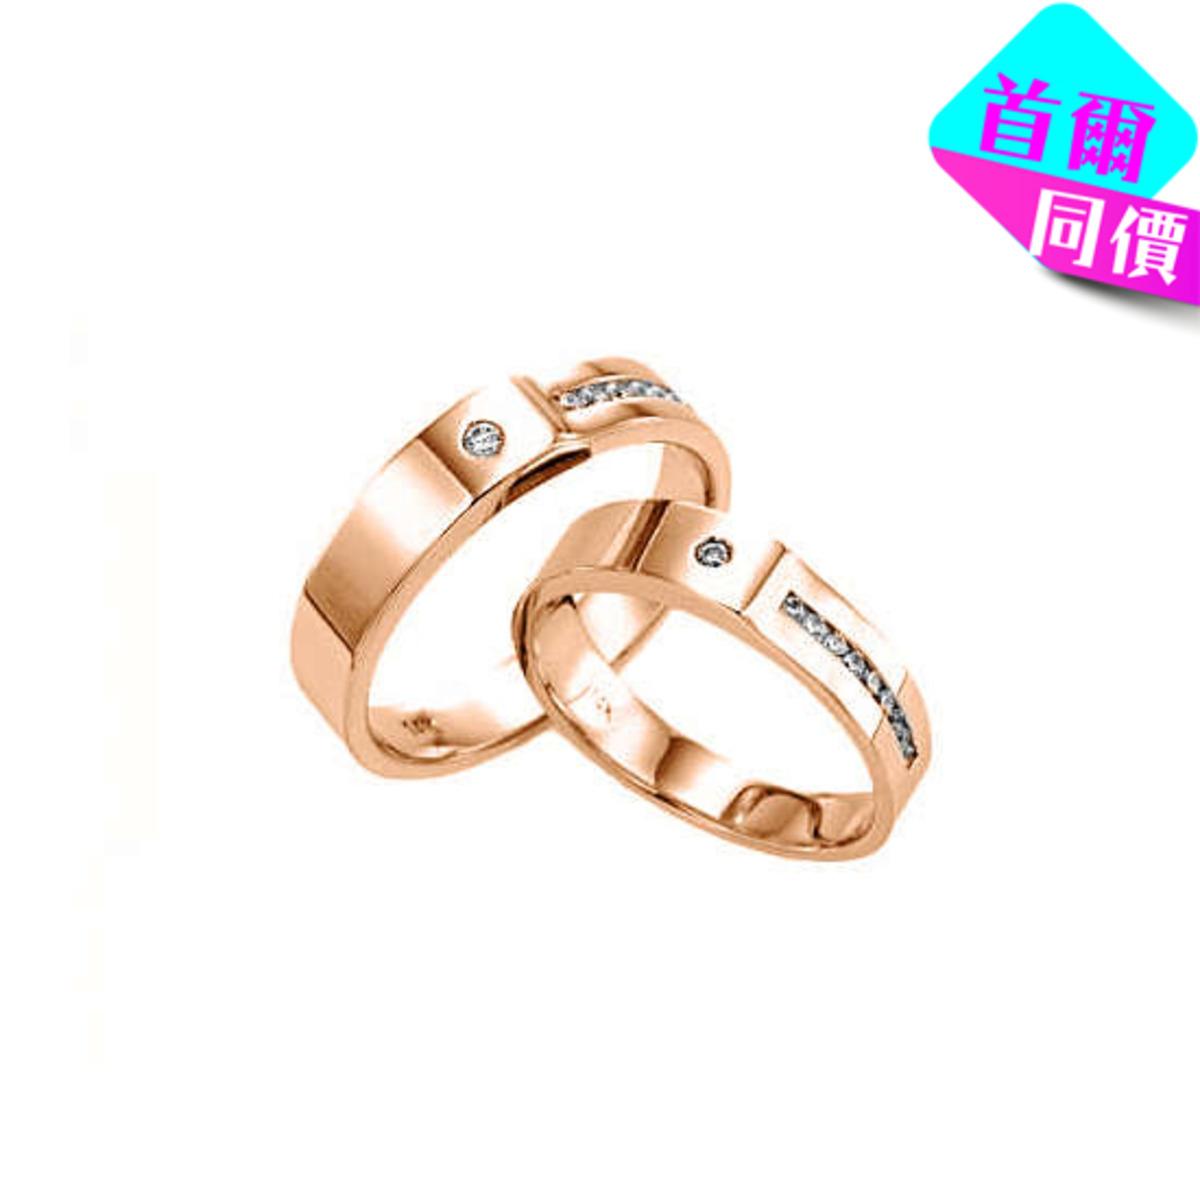 14K 不對稱鑲石情侶戒指 (女款)